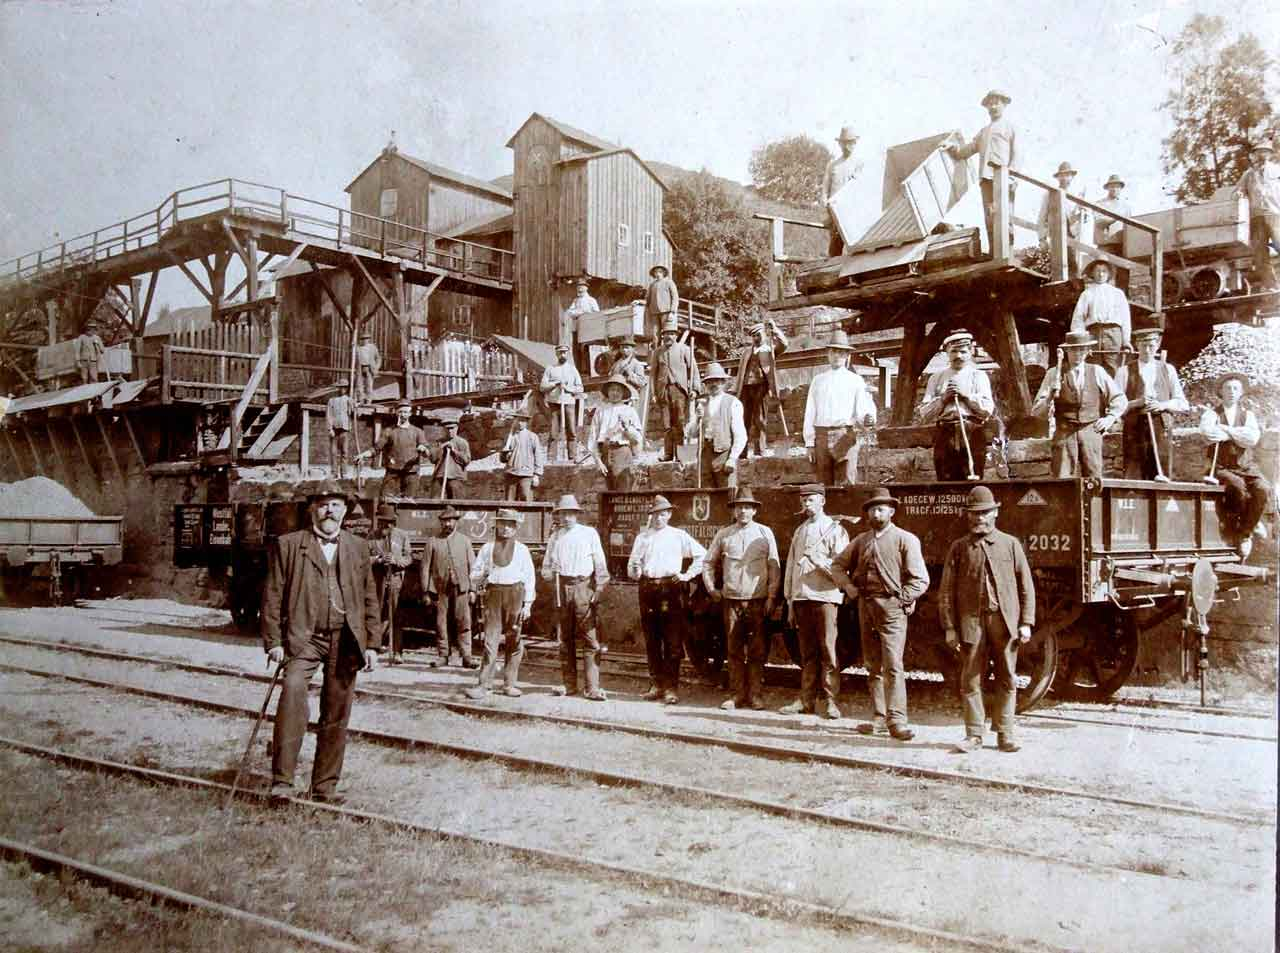 Bild 6425: Die Belegschaft des Drewer Steinbruch mit Brecheranlage und Verladerampe im Jahr 1912.  Arbeiter mit Handwerkzeug, insbesondere mit Knollhammer rechts auf dem Waggon.  Im Vordergrund Provinzialstraßenbaumeister Wiesebrock, Belecke.